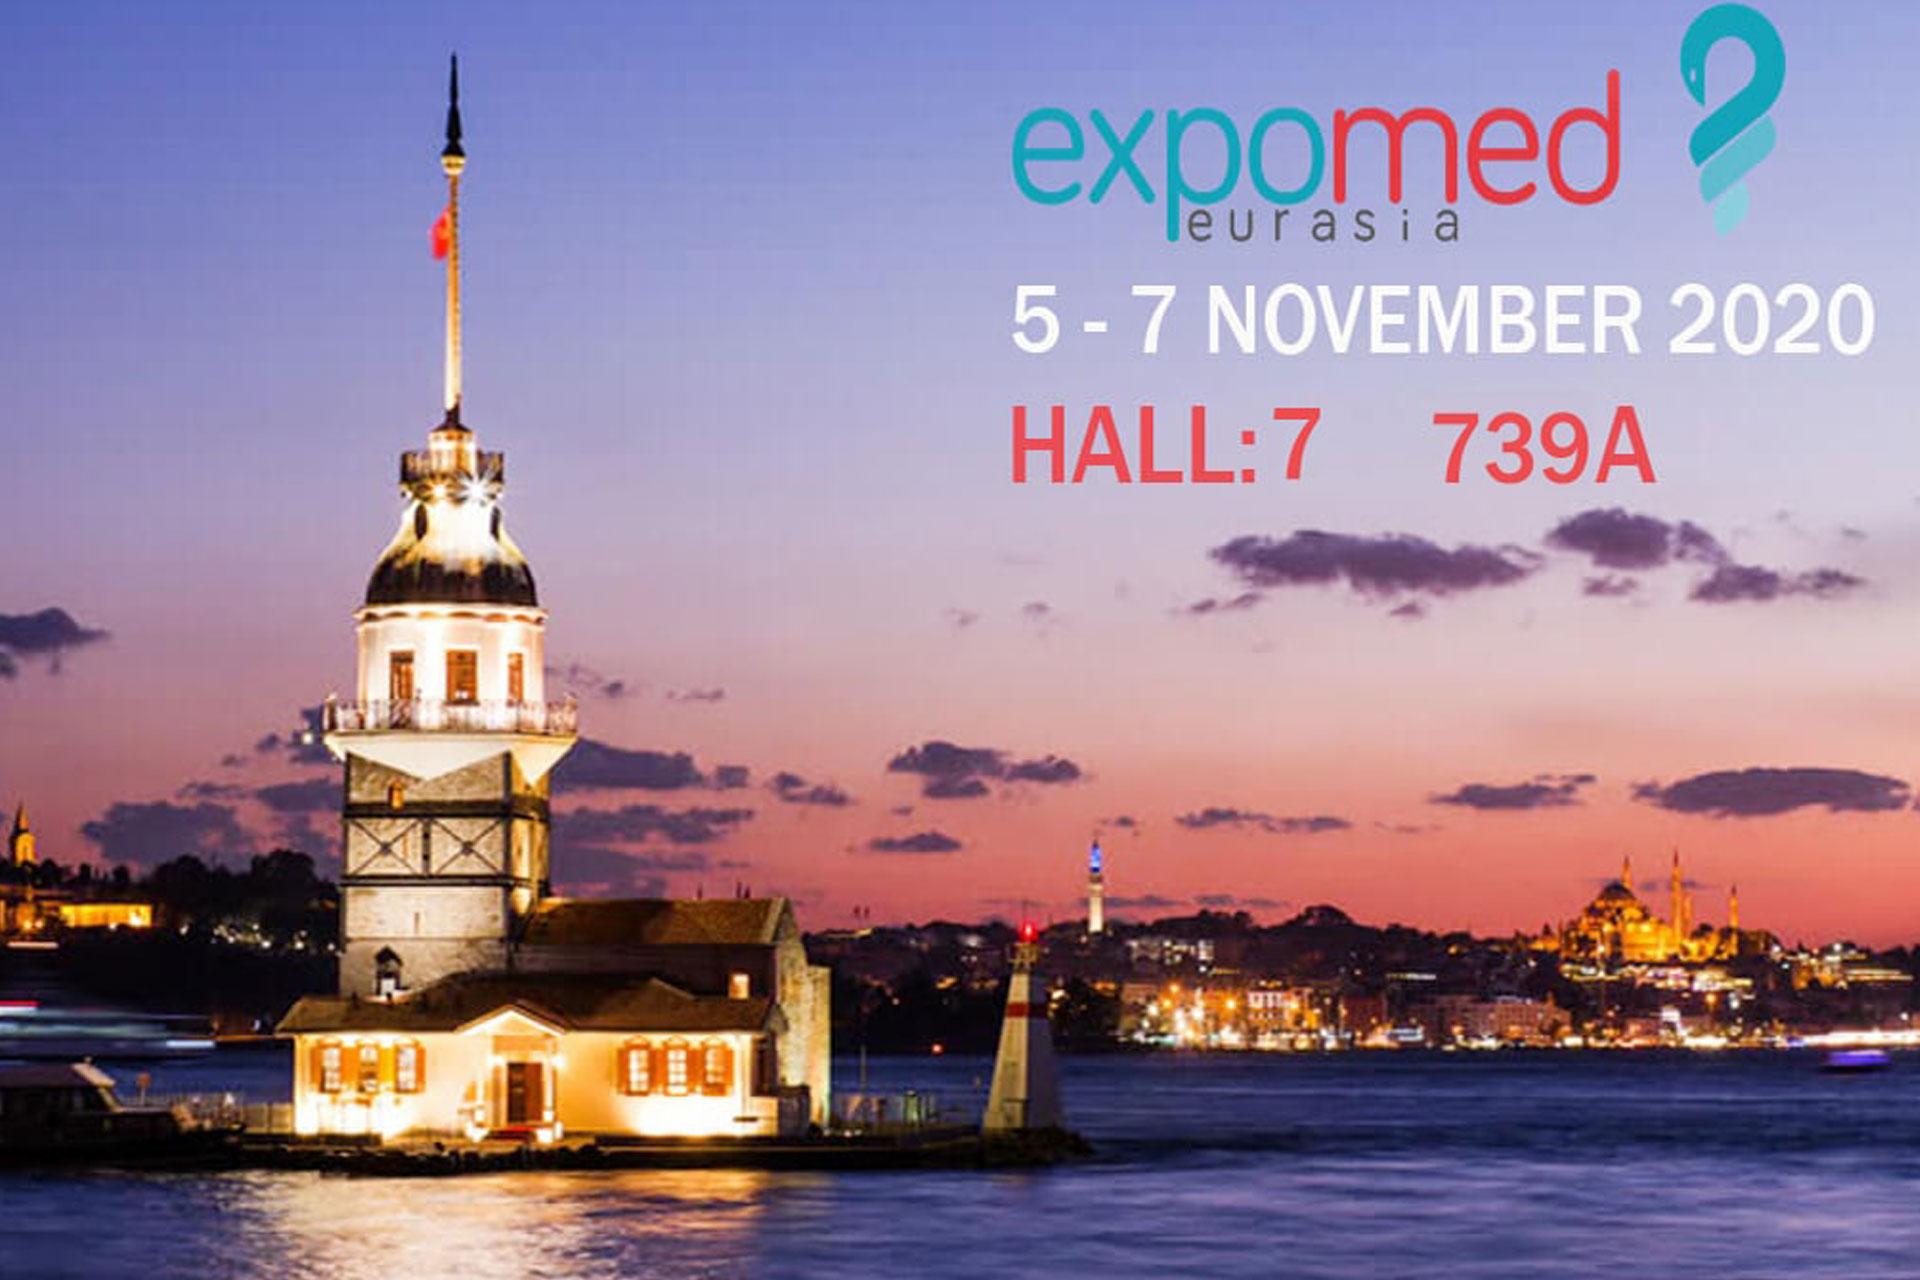 Мы на выставке Expomed Eurasia 2020.